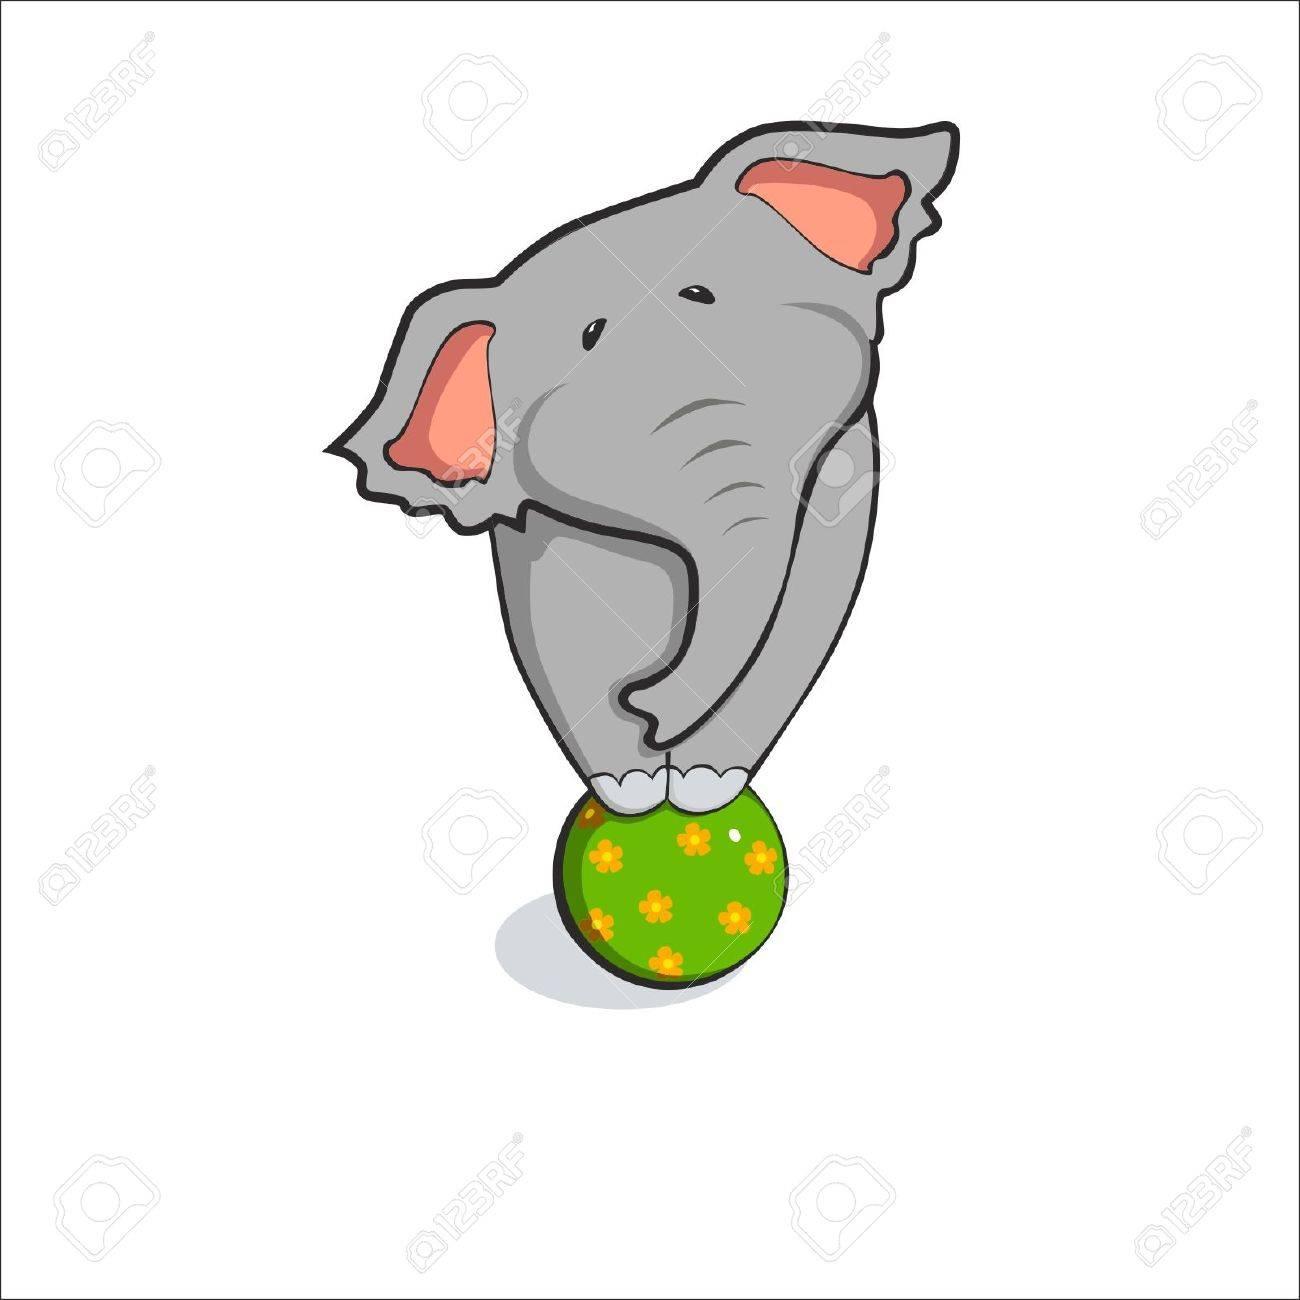 illustration of elephant share vektor Stock Vector - 15241578